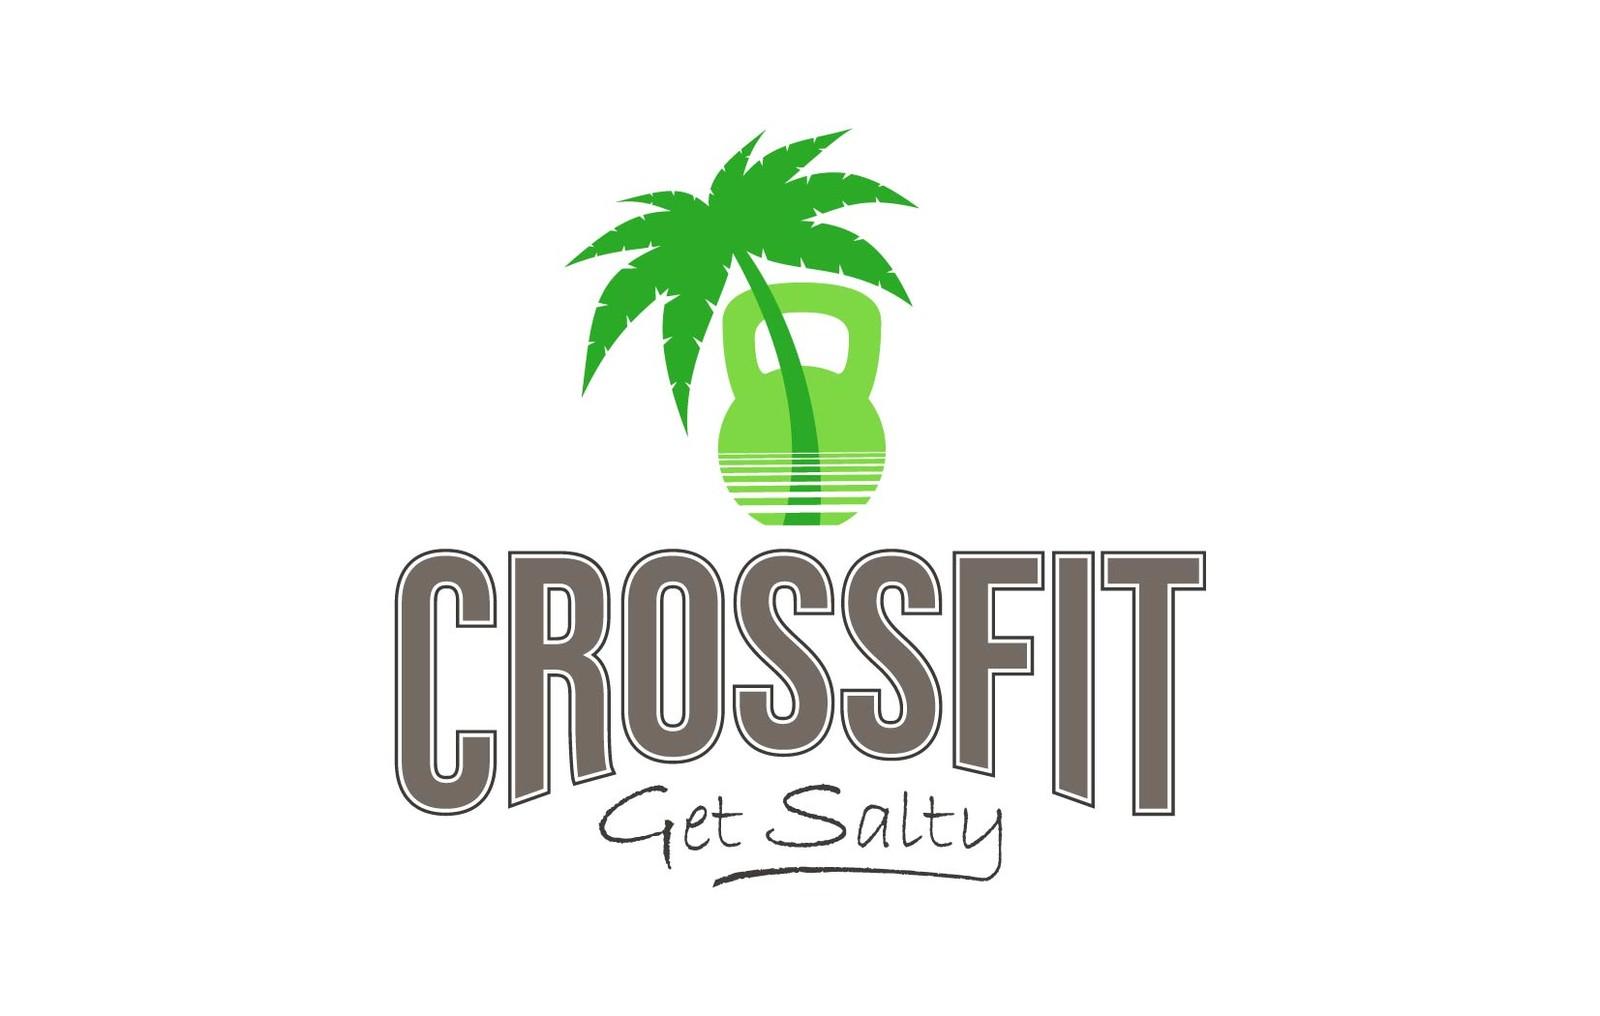 CrossFit Get Salty